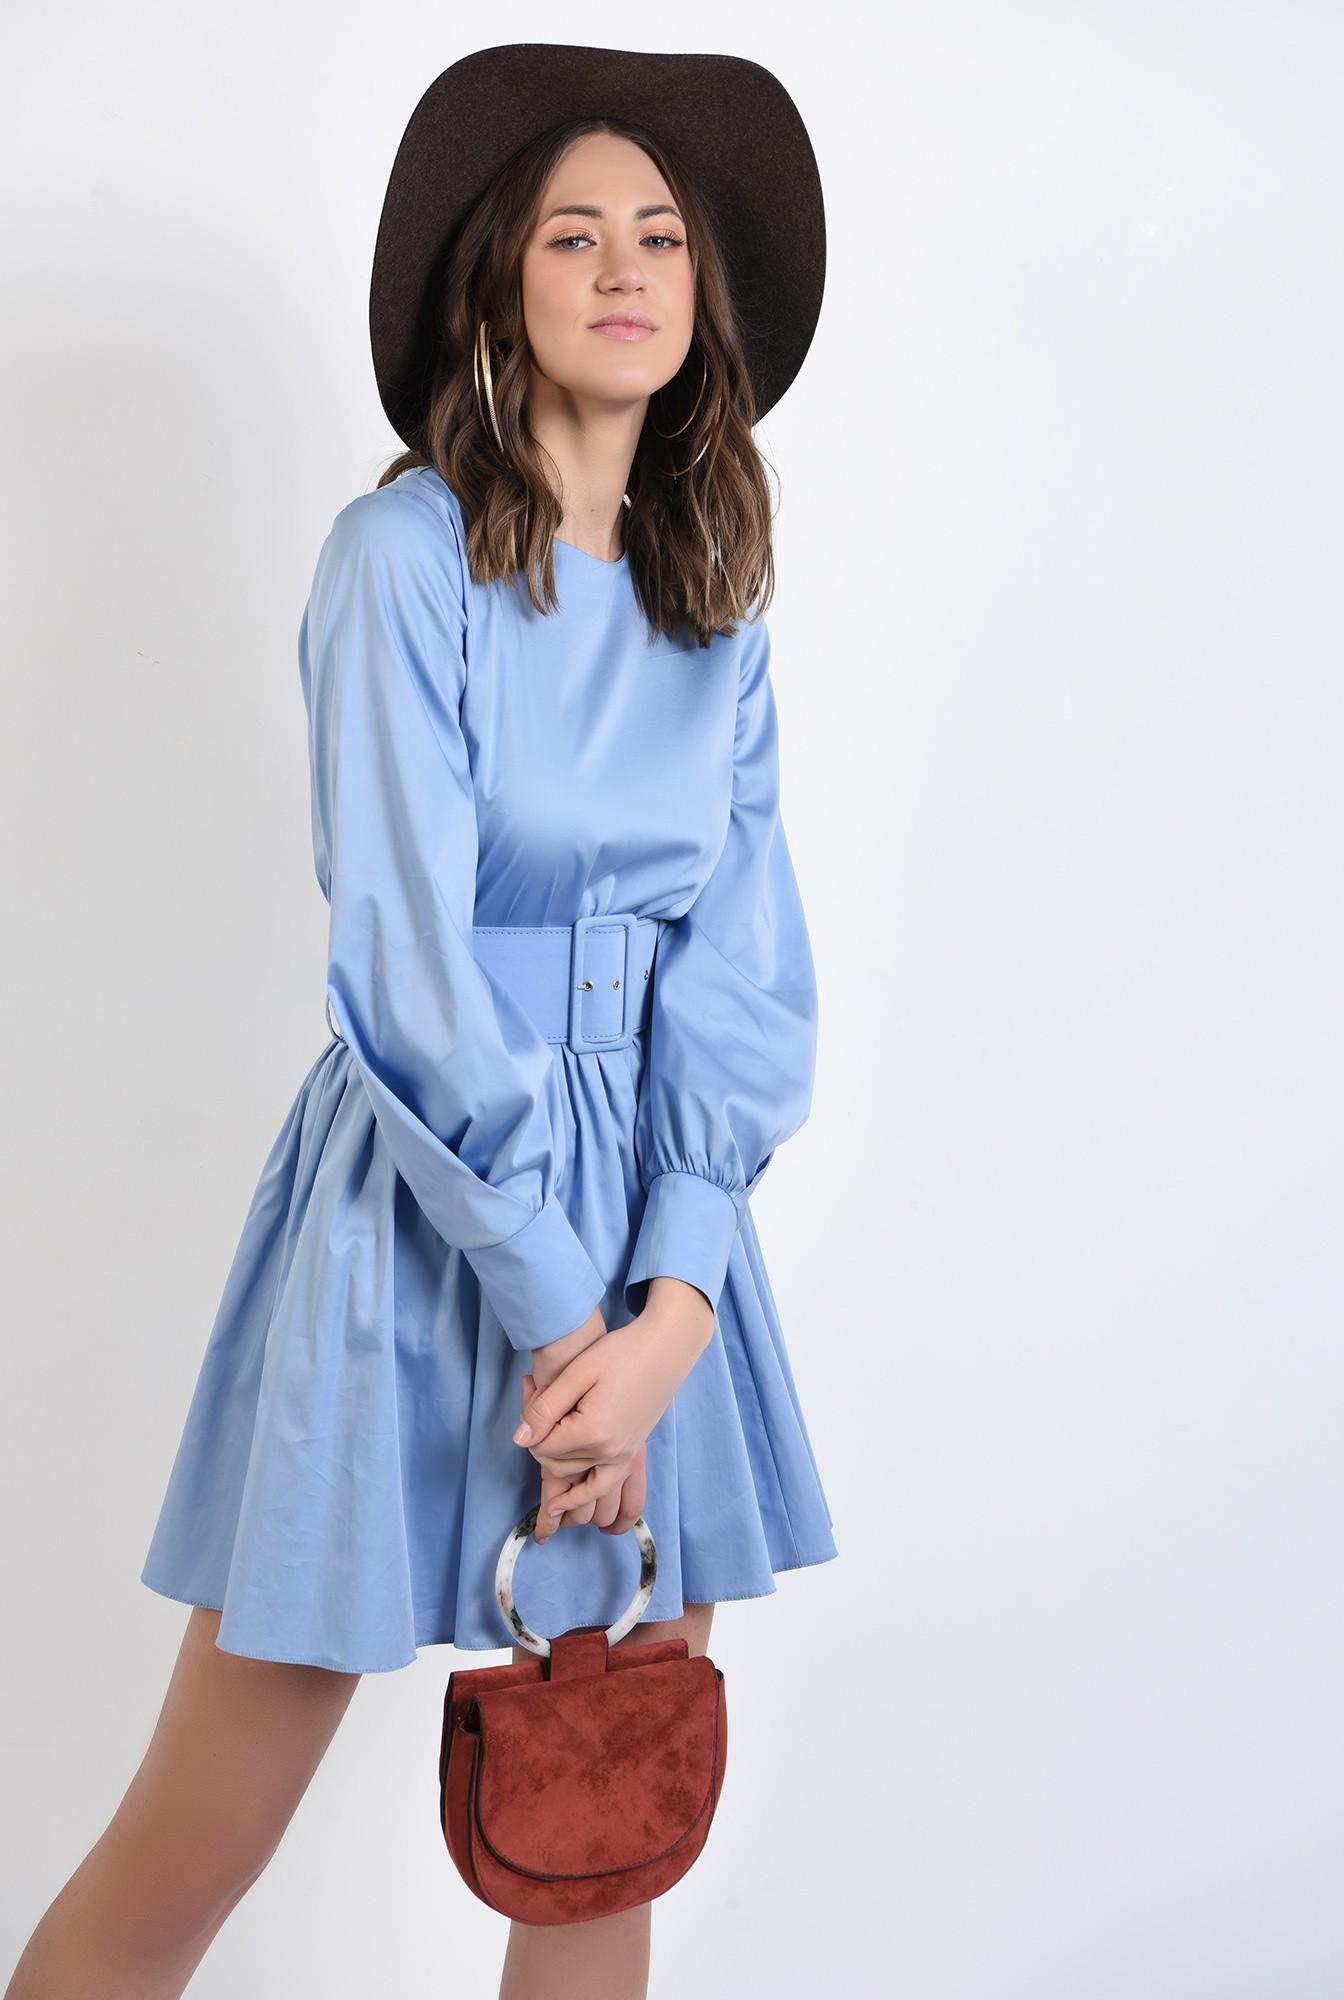 0 - 360 - rochie de zi, din bumbac, clos, rochie de primavara